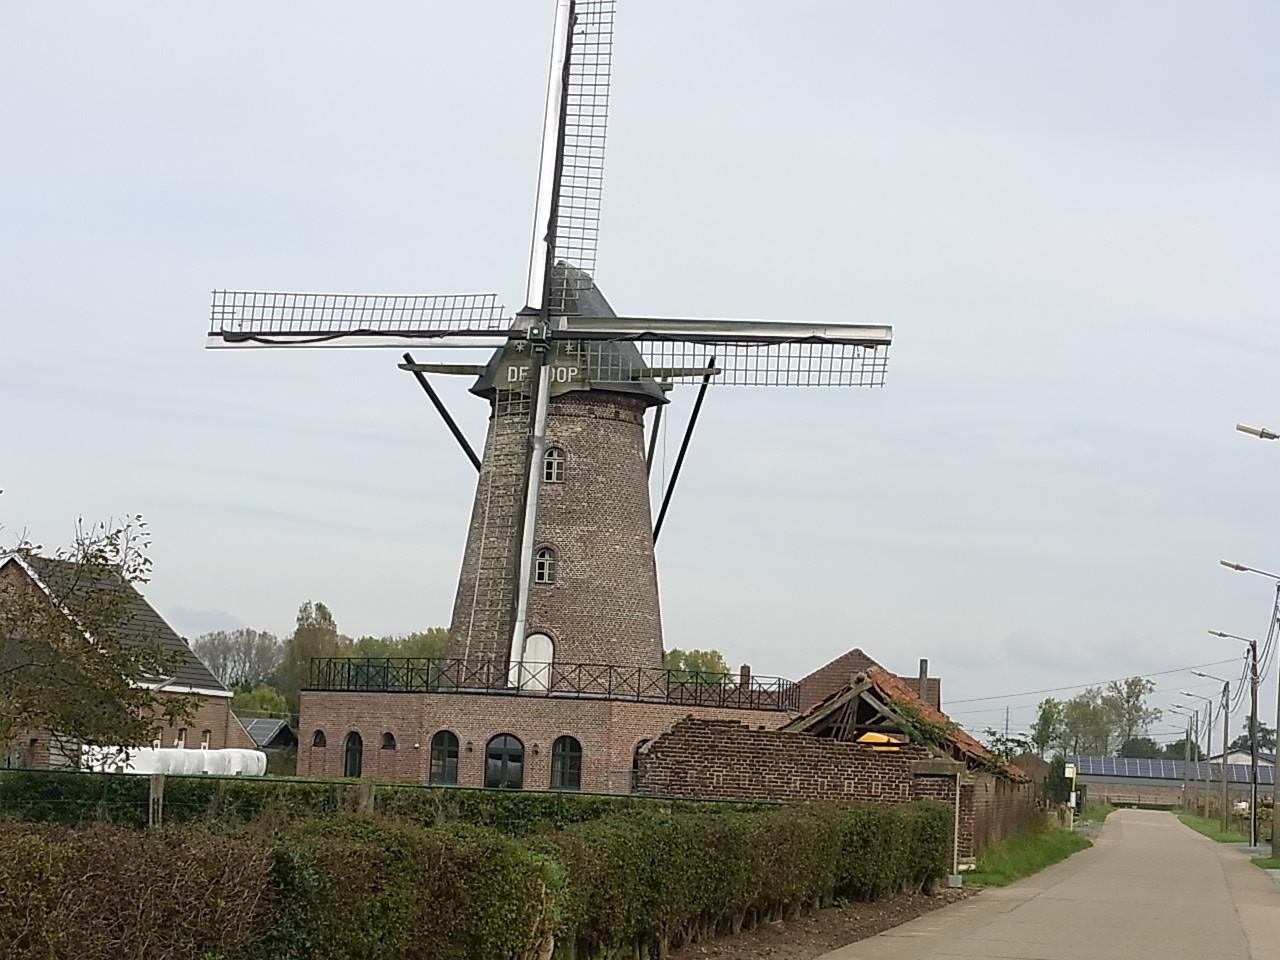 Mühle bei Dilsen/Stokkem